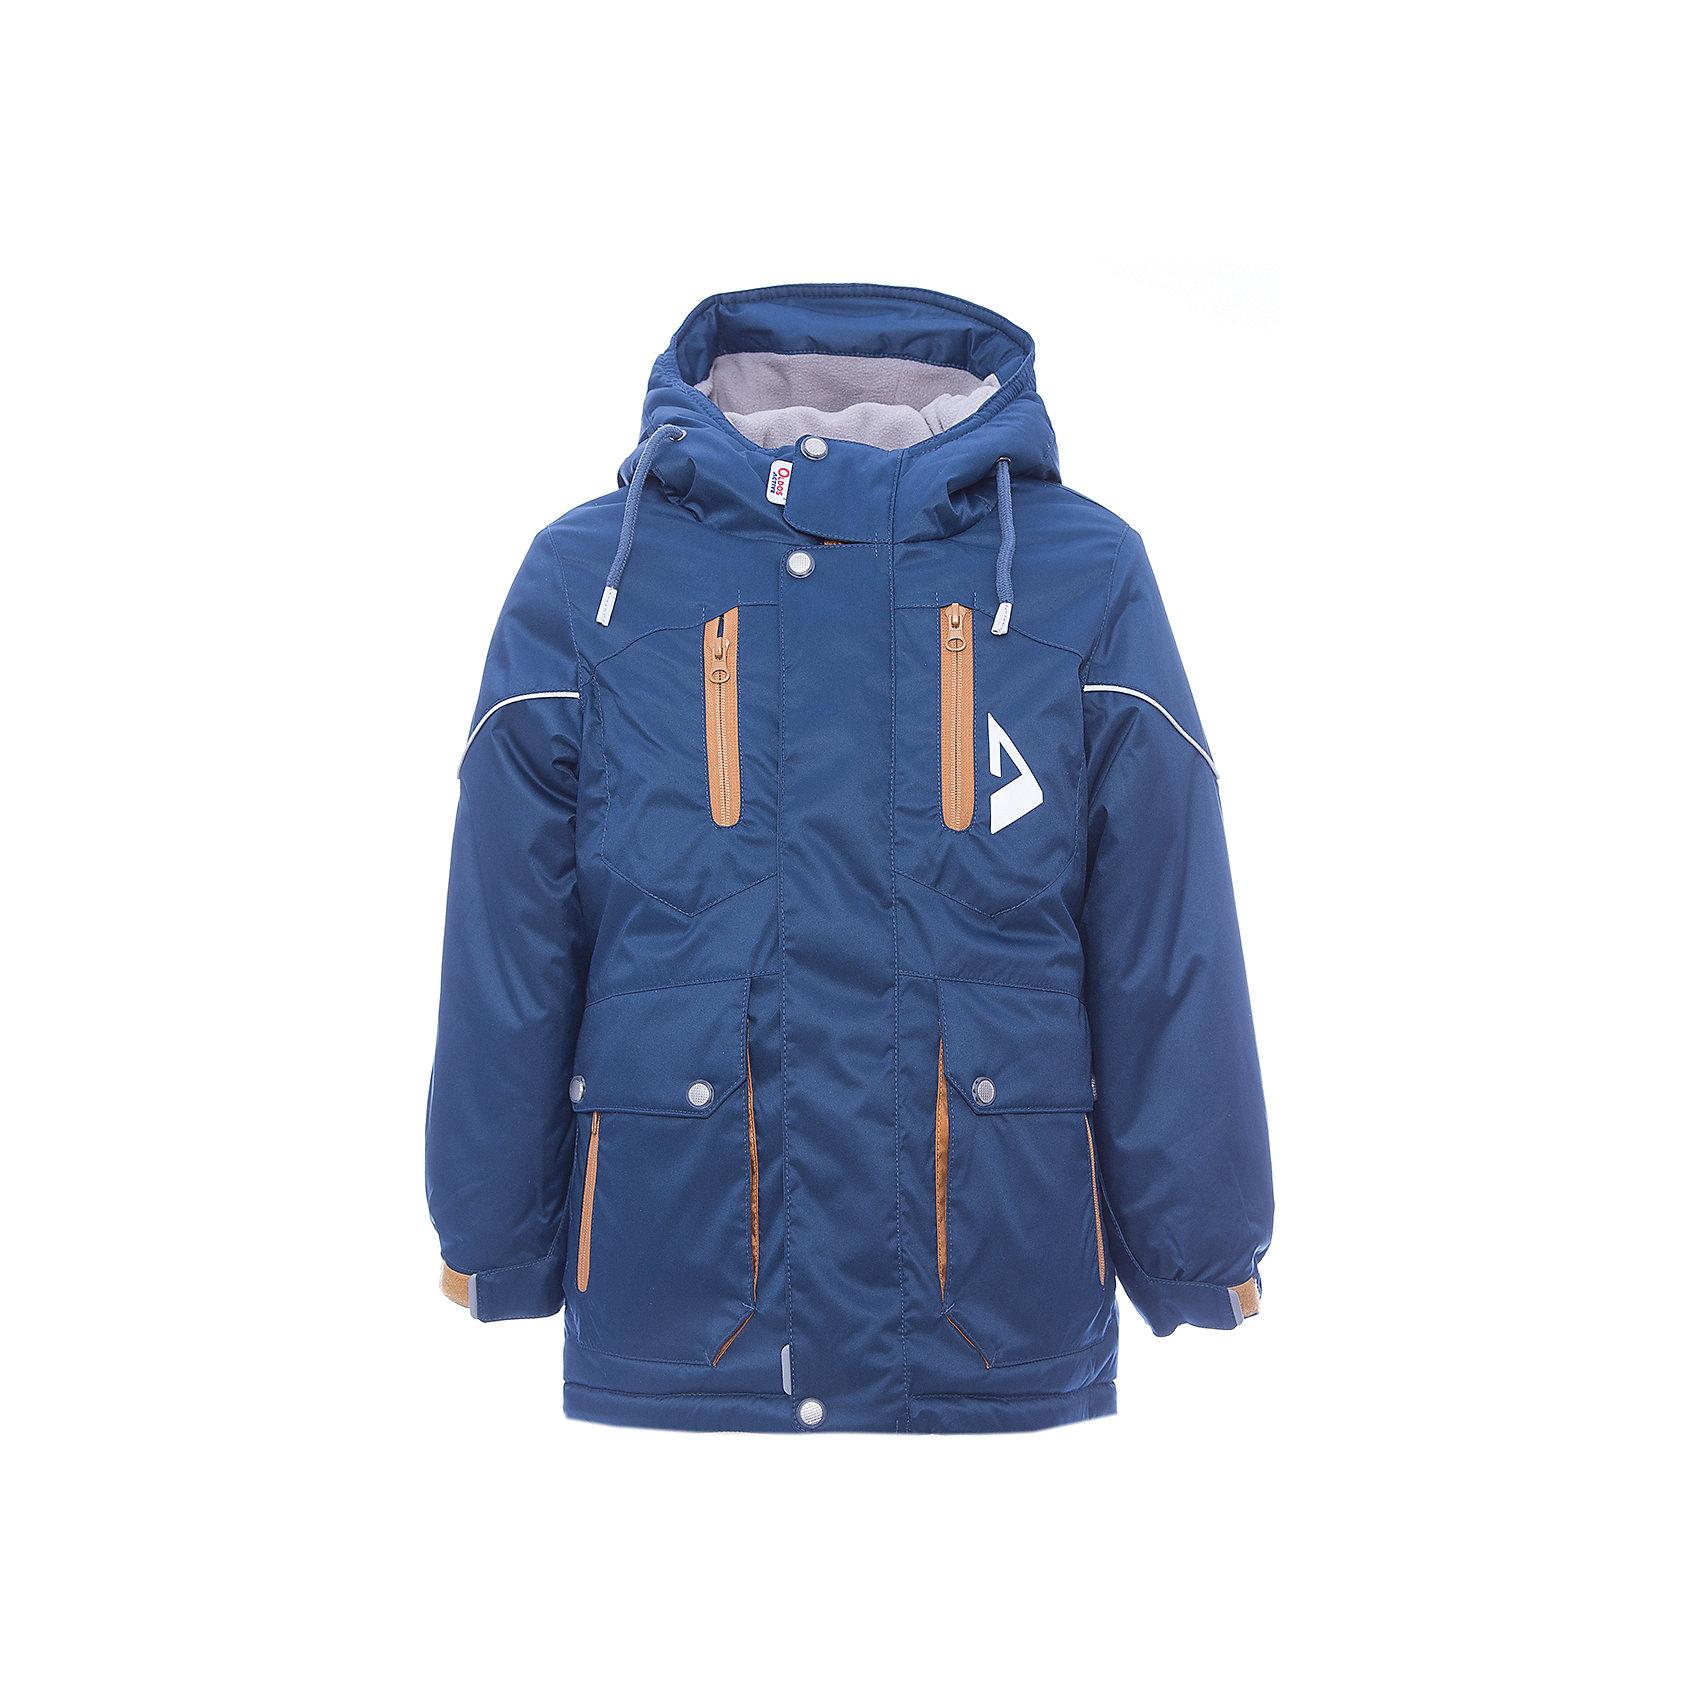 Куртка Франц OLDOS для мальчикаВерхняя одежда<br>Характеристики товара:<br><br>• цвет: синий<br>• состав ткани: полиэстер, Teflon<br>• подкладка: флис<br>• утеплитель: Hollofan pro<br>• сезон: зима<br>• мембранное покрытие<br>• температурный режим: от -30 до +5<br>• водонепроницаемость: 5000 мм <br>• паропроницаемость: 5000 г/м2<br>• плотность утеплителя: 200 г/м2<br>• застежка: молния<br>• капюшон: без меха<br>• страна бренда: Россия<br>• страна изготовитель: Россия<br><br>Такая зимняя куртка дополнена функциональными снегозащитными элементами. Модная куртка для мальчика снабжена застежками, помогающими отрегулировать её размер под ребенка. Детская зимняя куртка создана с применением мембранной технологии, она рассчитана на очень холодную погоду. <br><br>Куртку Франц Oldos (Олдос) для мальчика можно купить в нашем интернет-магазине.<br><br>Ширина мм: 356<br>Глубина мм: 10<br>Высота мм: 245<br>Вес г: 519<br>Цвет: синий<br>Возраст от месяцев: 36<br>Возраст до месяцев: 48<br>Пол: Мужской<br>Возраст: Детский<br>Размер: 104,158,110,116,122,128,134,140,152<br>SKU: 7015766